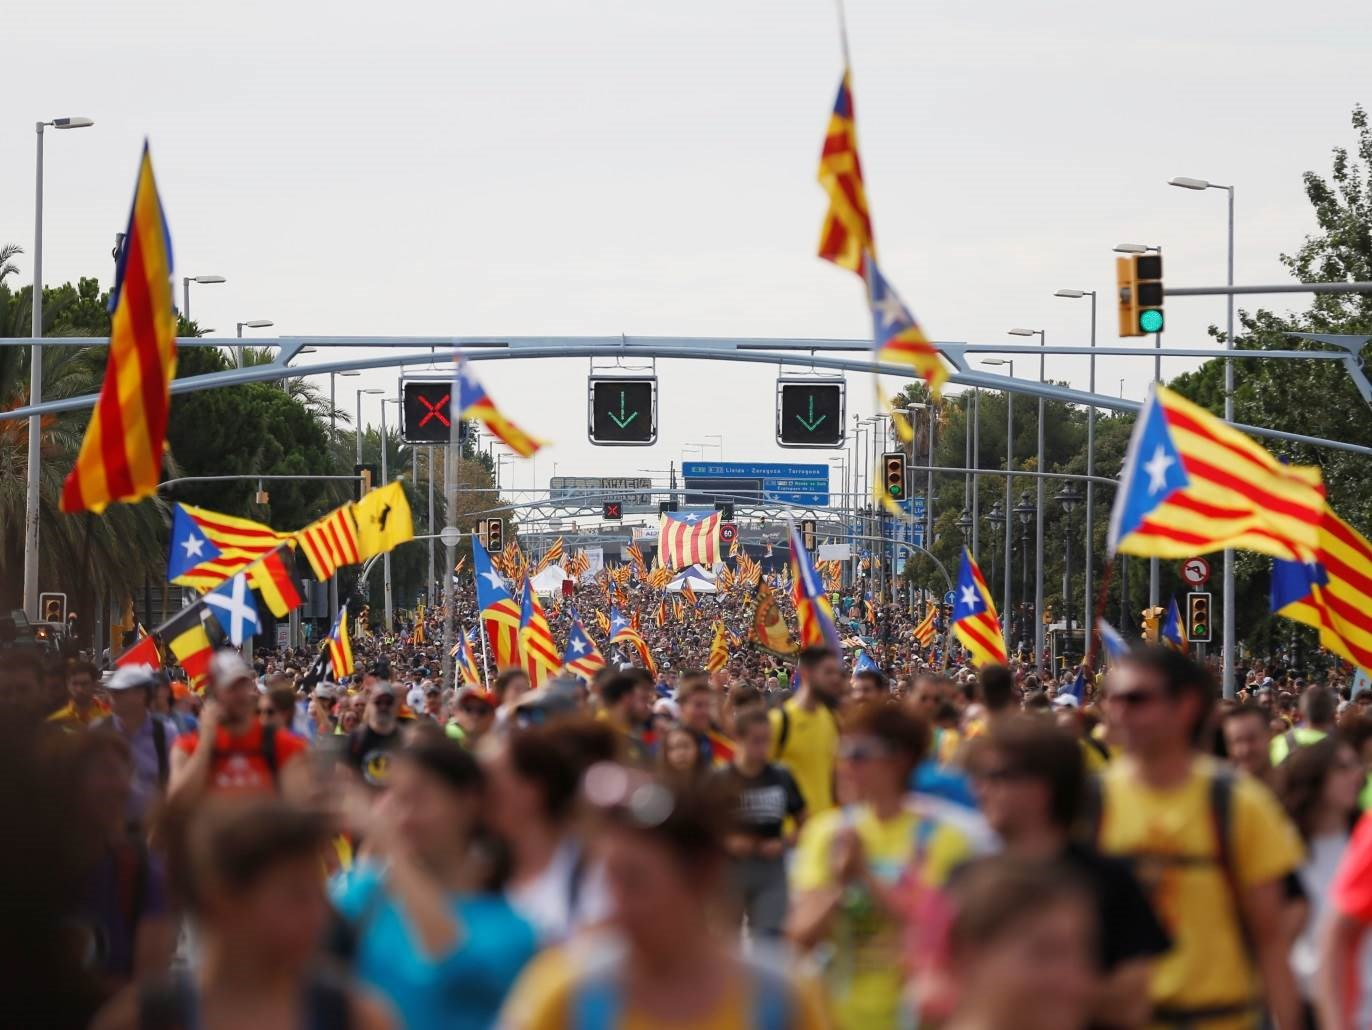 محتجون يدعون لإنهاء الملكية في إسبانيا بعد خروج العاهل السابق من البلاد